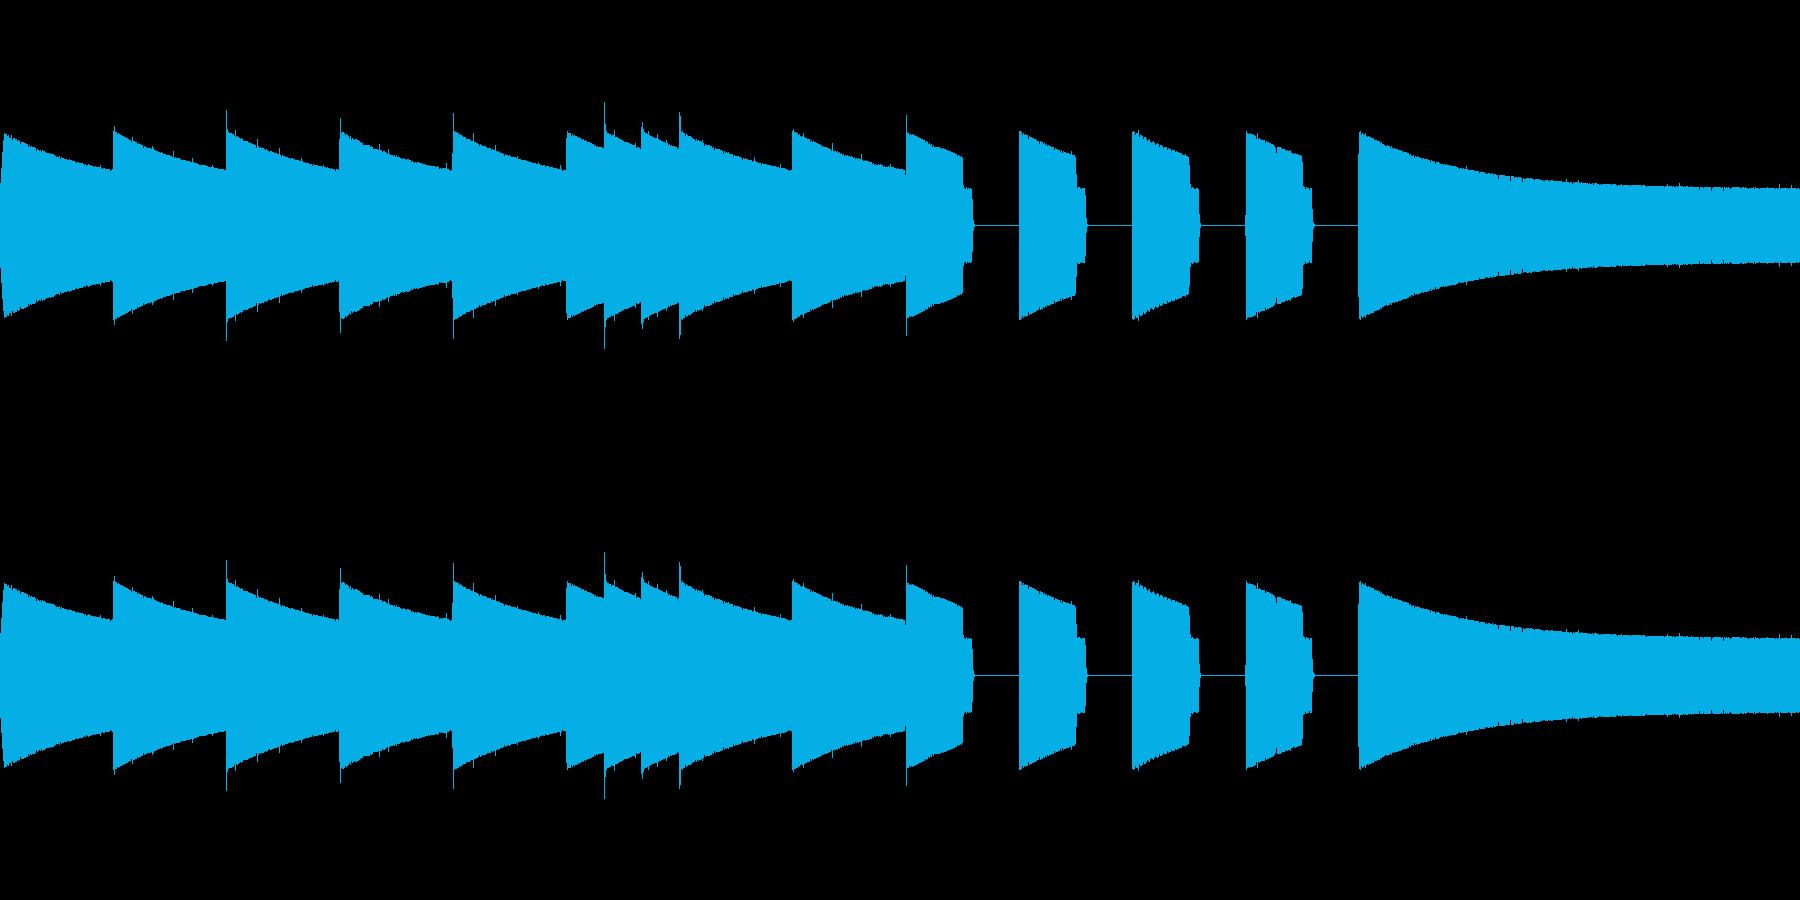 ピコピコ音ジングル、そして夜が明けたの再生済みの波形